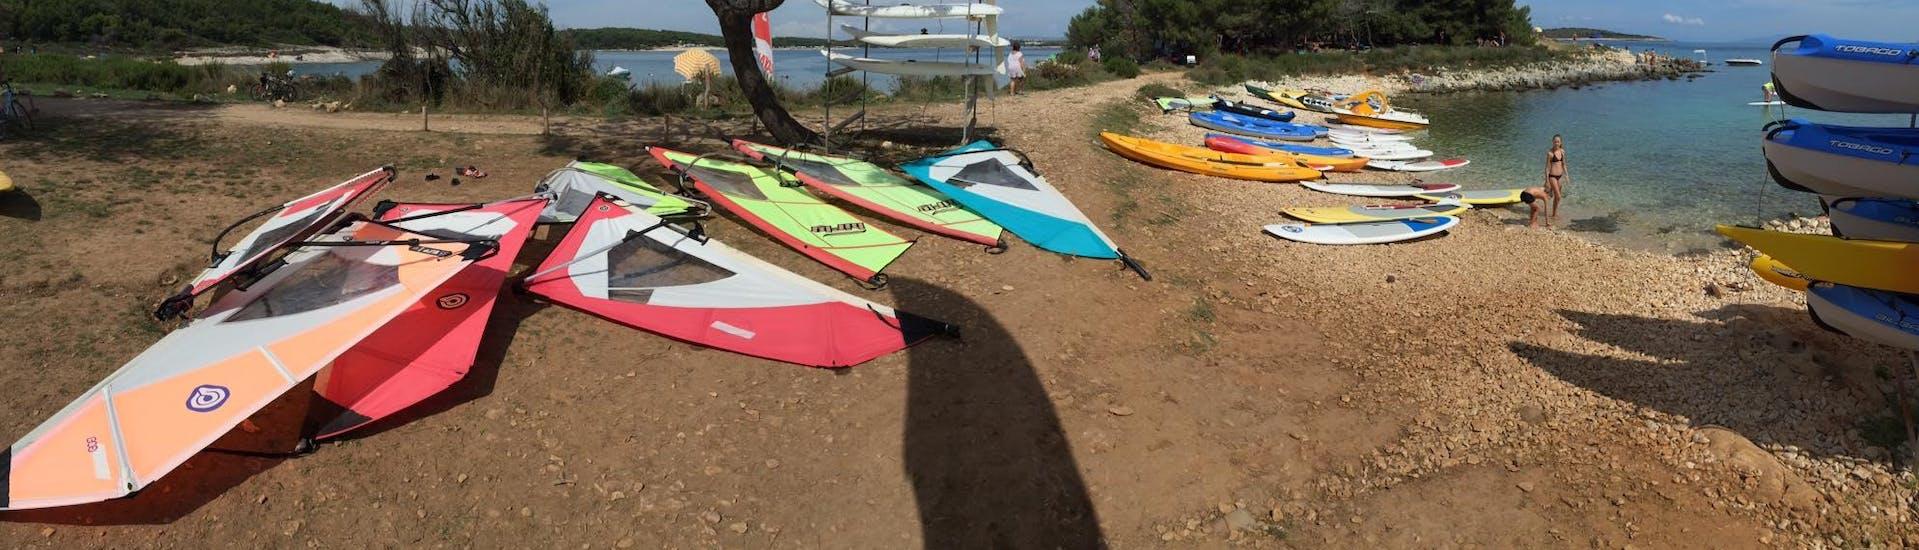 Sit-In Sea Kayak Rental - Cape Kamenjak